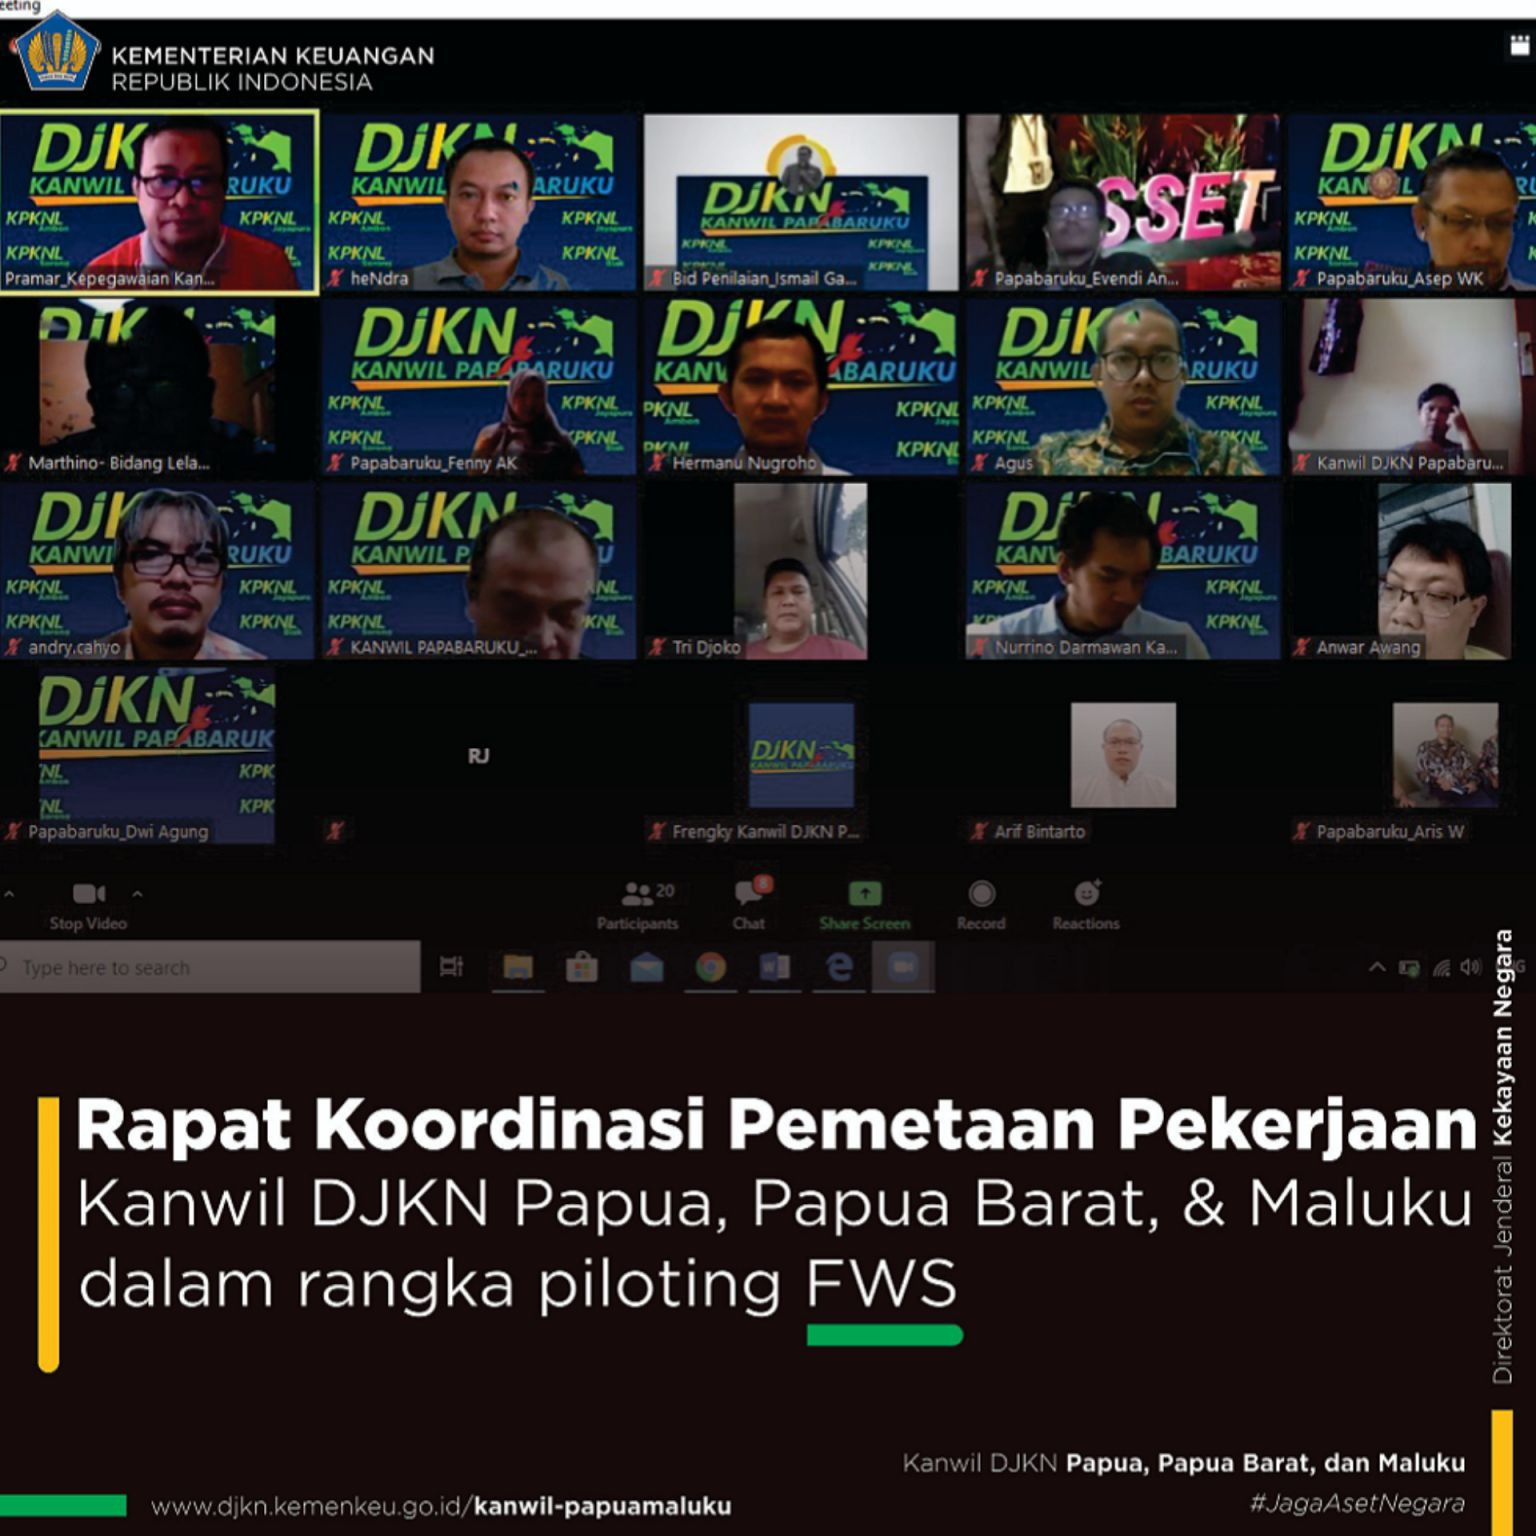 Koordinasi Pemetaan Pekerjaan Kanwil DJKN Papabaruku Dalam Rangka Piloting Kebijakan Flexible Working Space Kementerian Keuangan